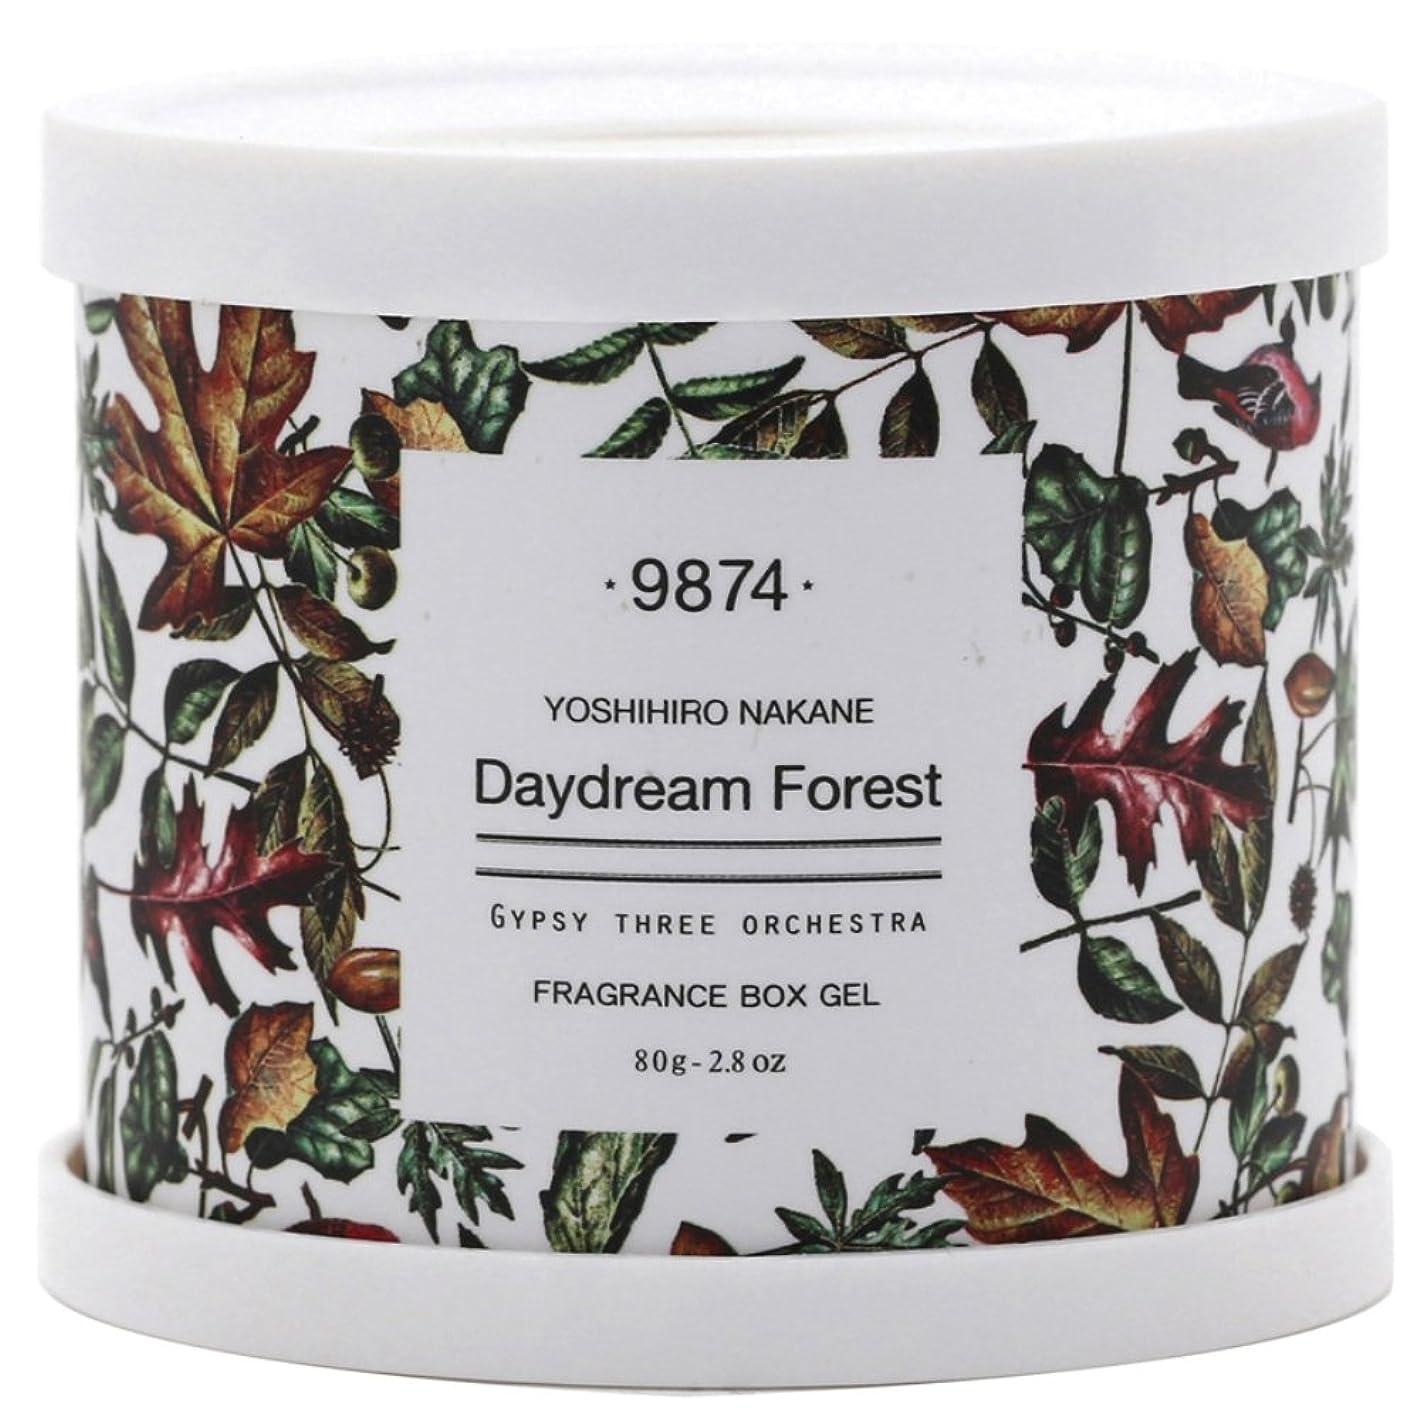 お勧め兵士実際ノルコーポレーション 芳香剤 GYPSY THREE ORCHESTRA × YOSHIHIRO NAKANE フレグランスボックスジェル 80g DAYDREAM FOREST OA-GOF-2-3